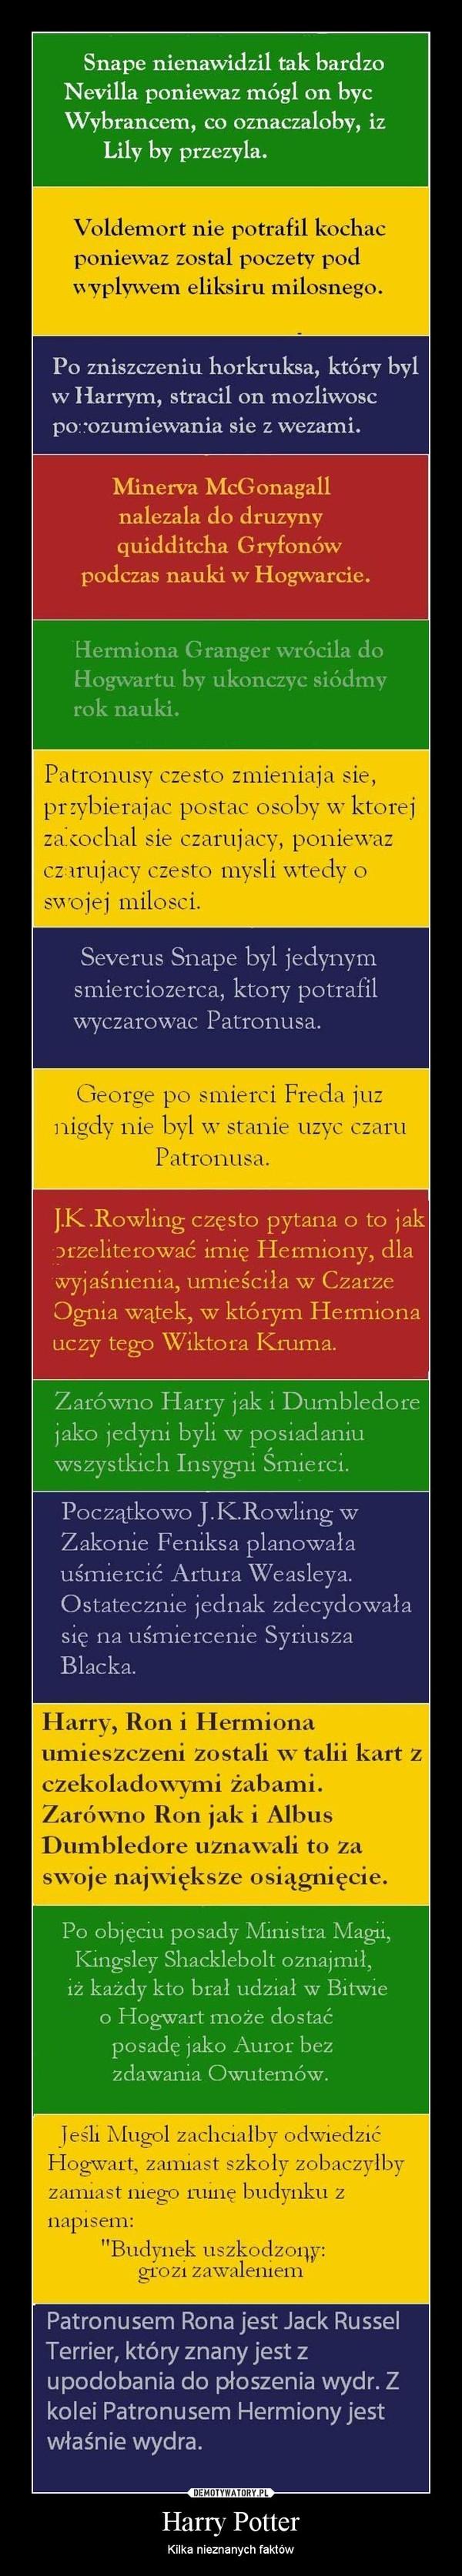 Harry Potter – Kilka nieznanych faktów